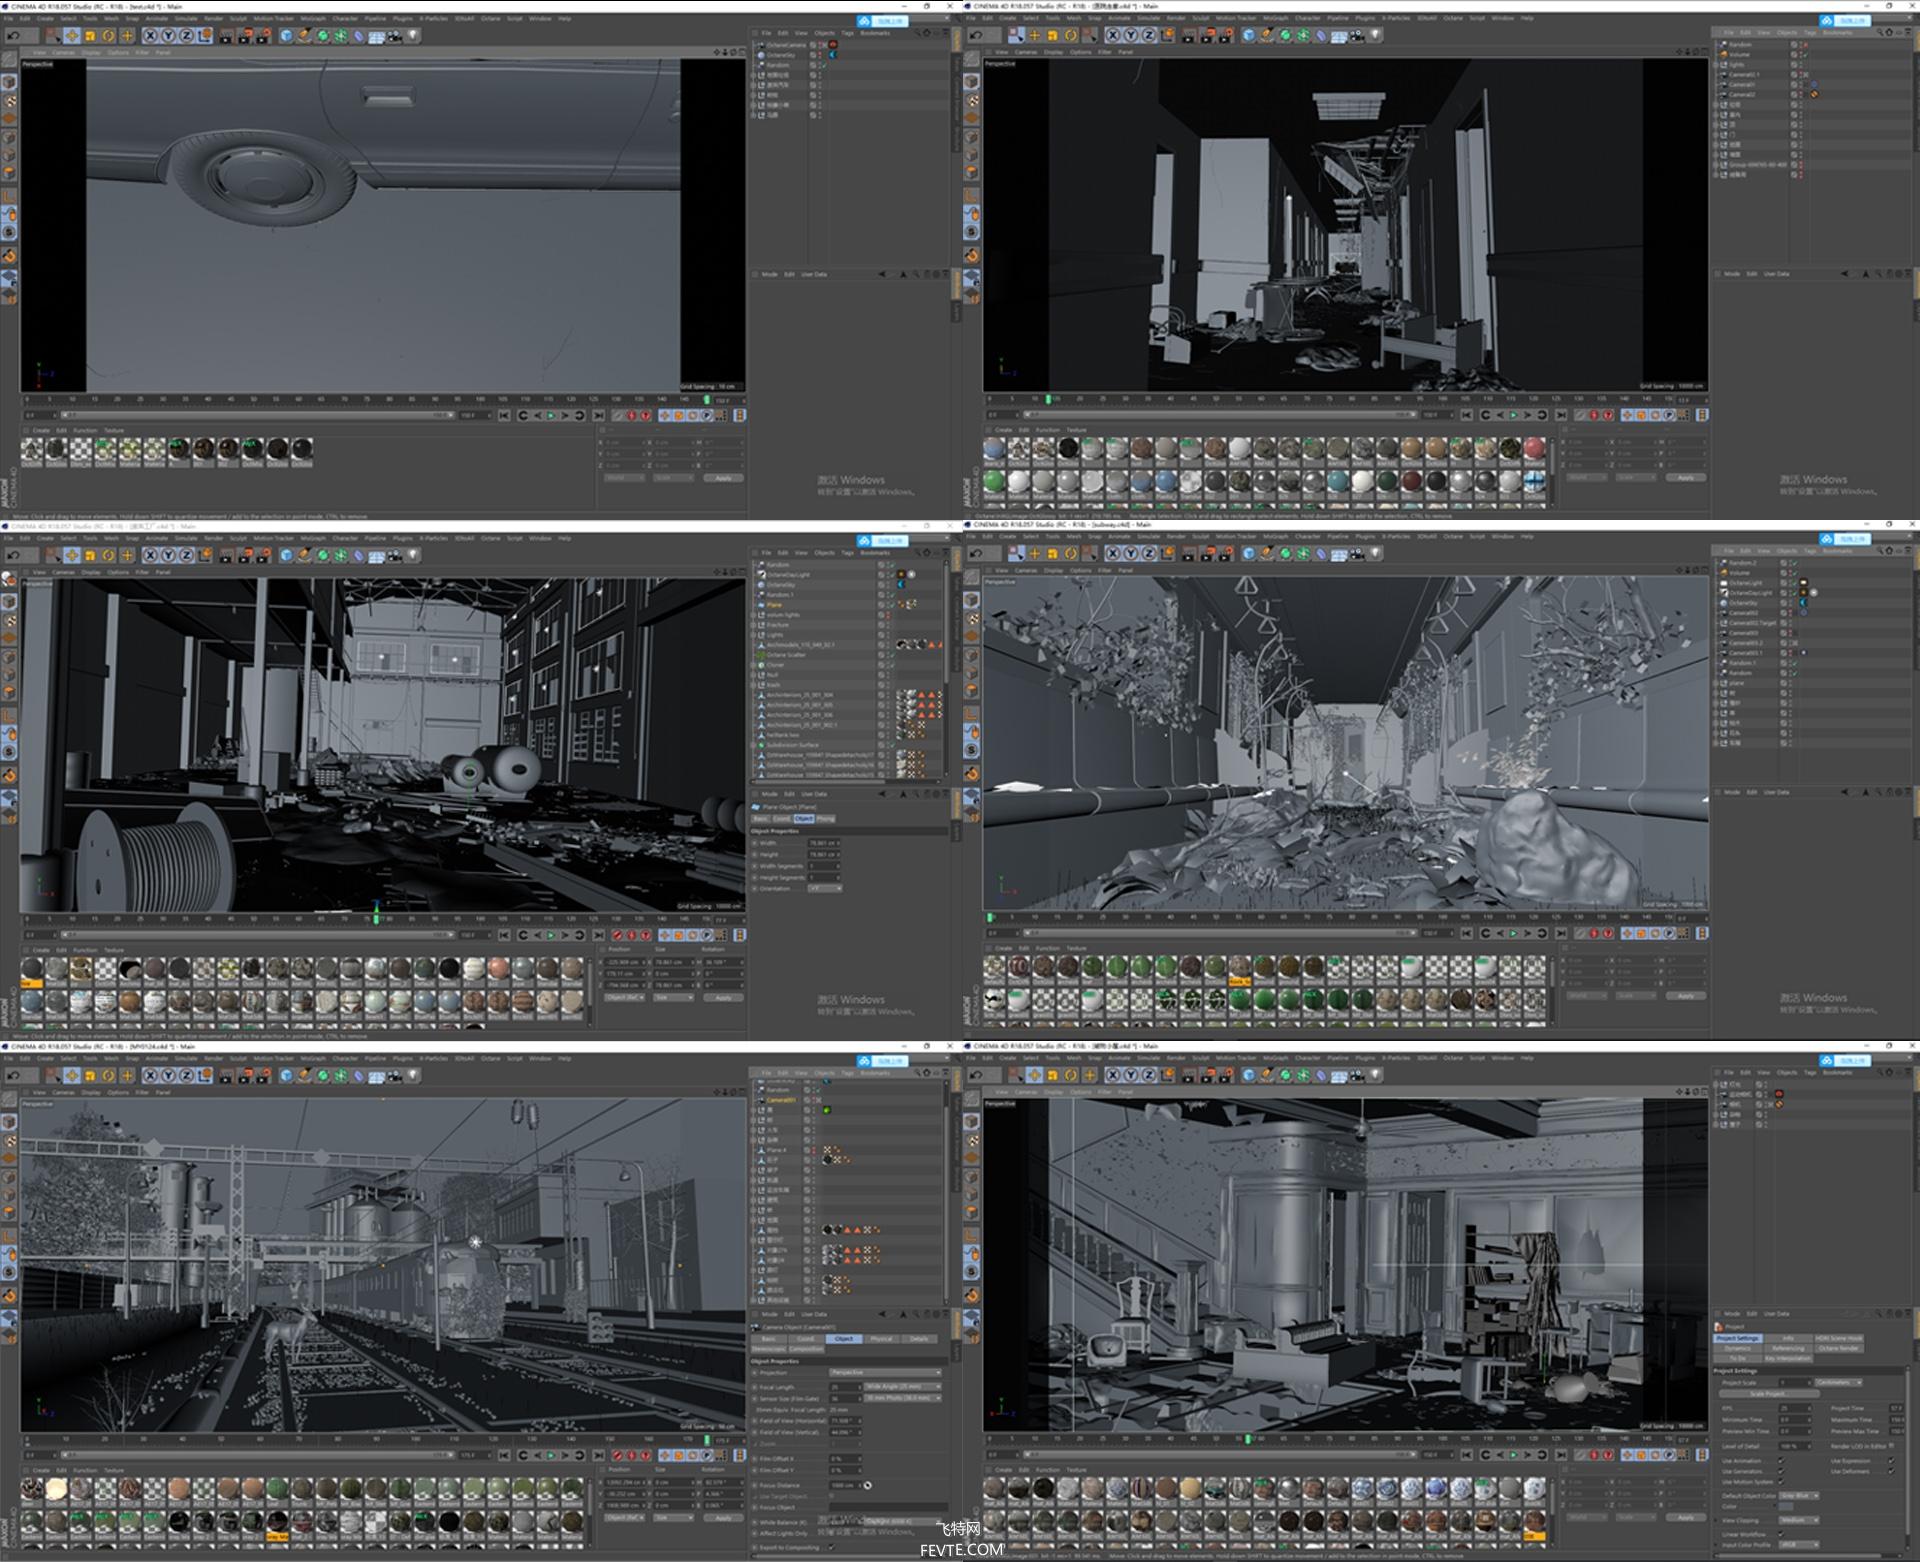 C4D末日写实场景 飞特网 CG视觉作品欣赏